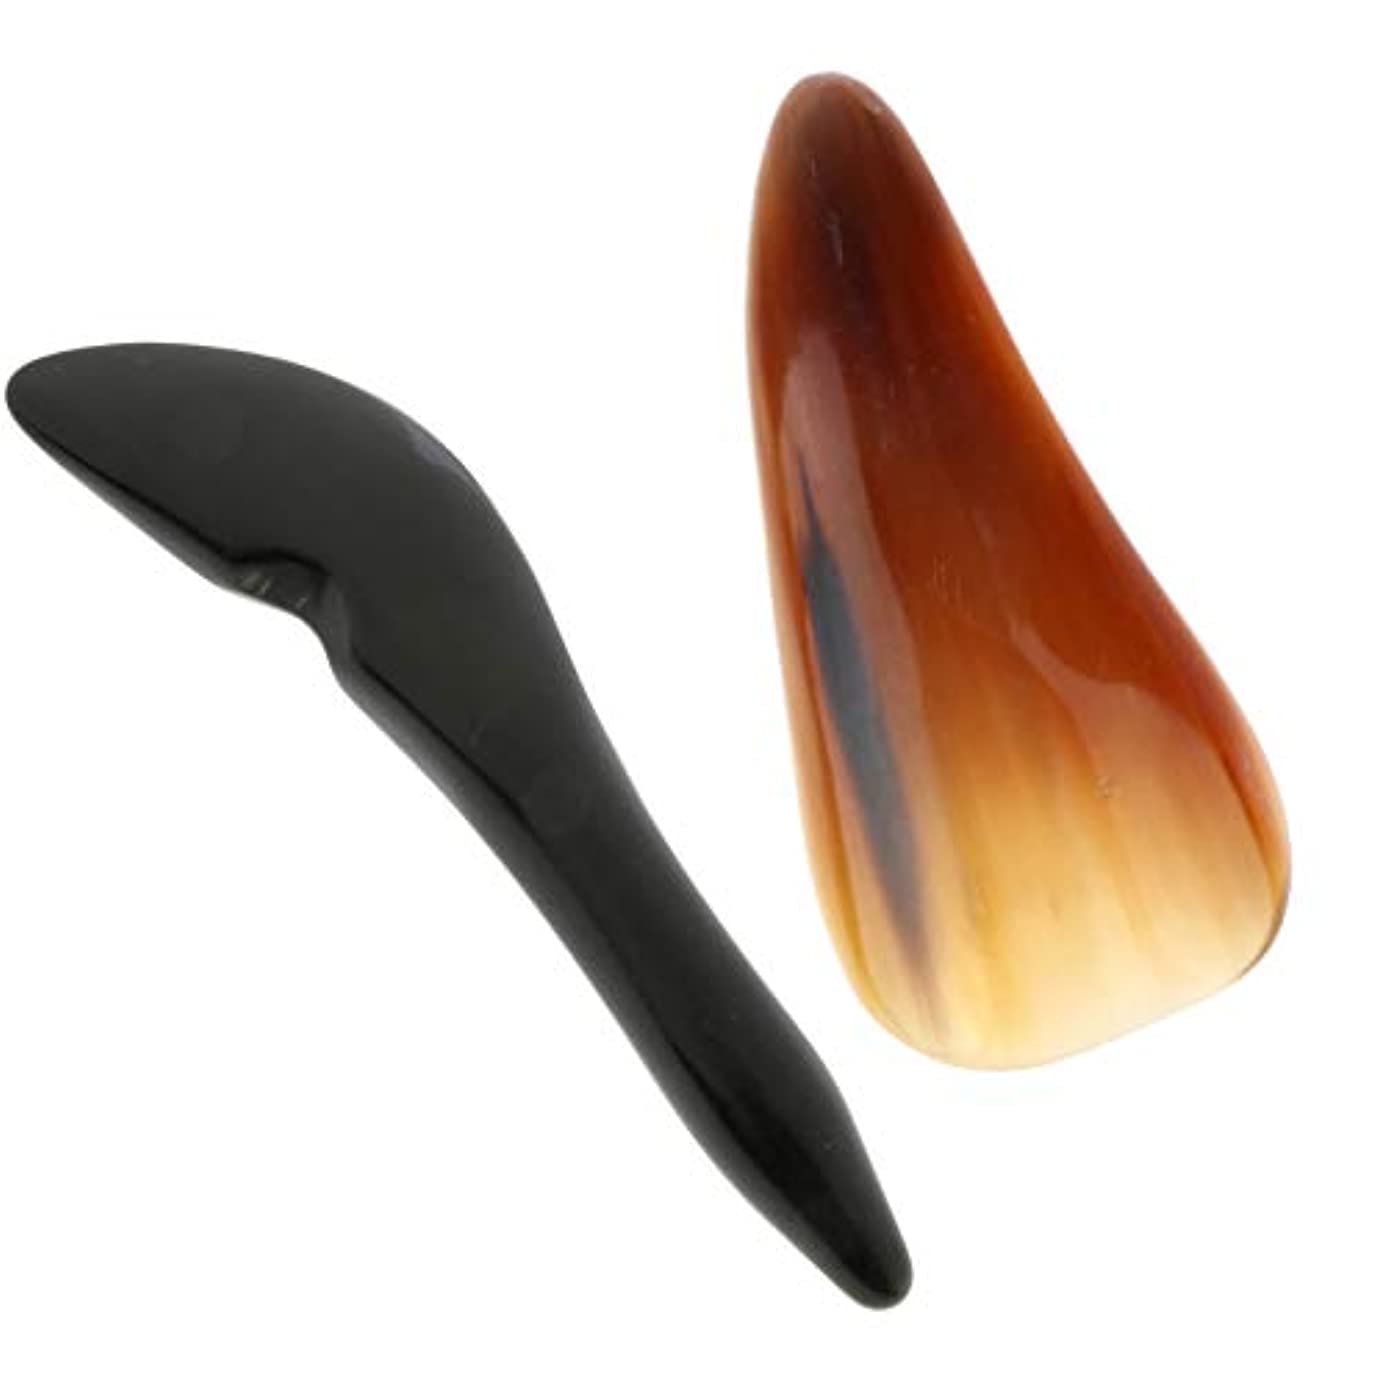 祝福する進化する沈黙マッサージツール グアシャ スクレーパー ボード スクレーピング 使いやすい 2個入